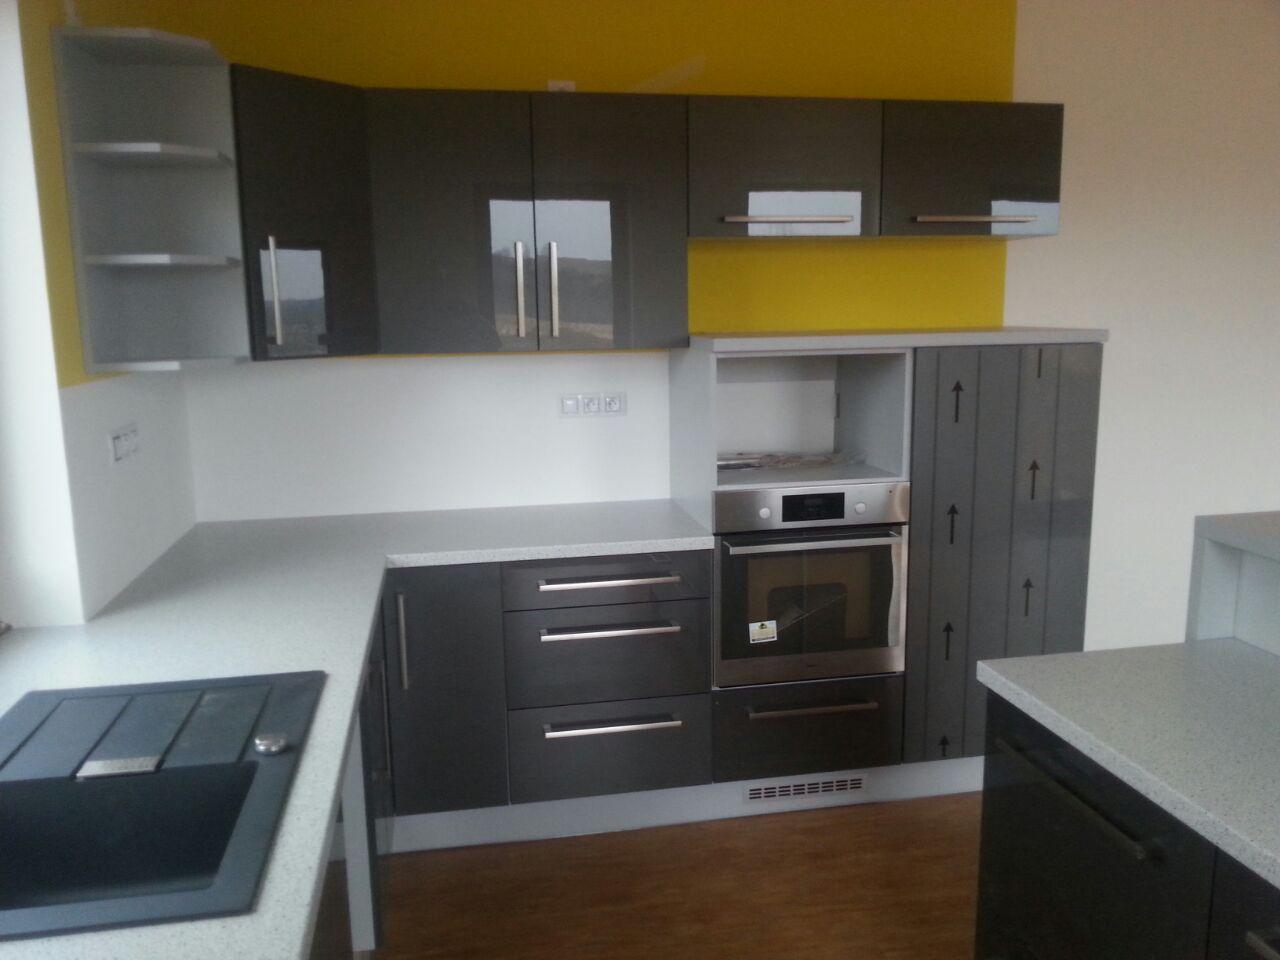 Kuchyně na zakázku, výroba kuchyňských linek a nábytku - grafický návrh